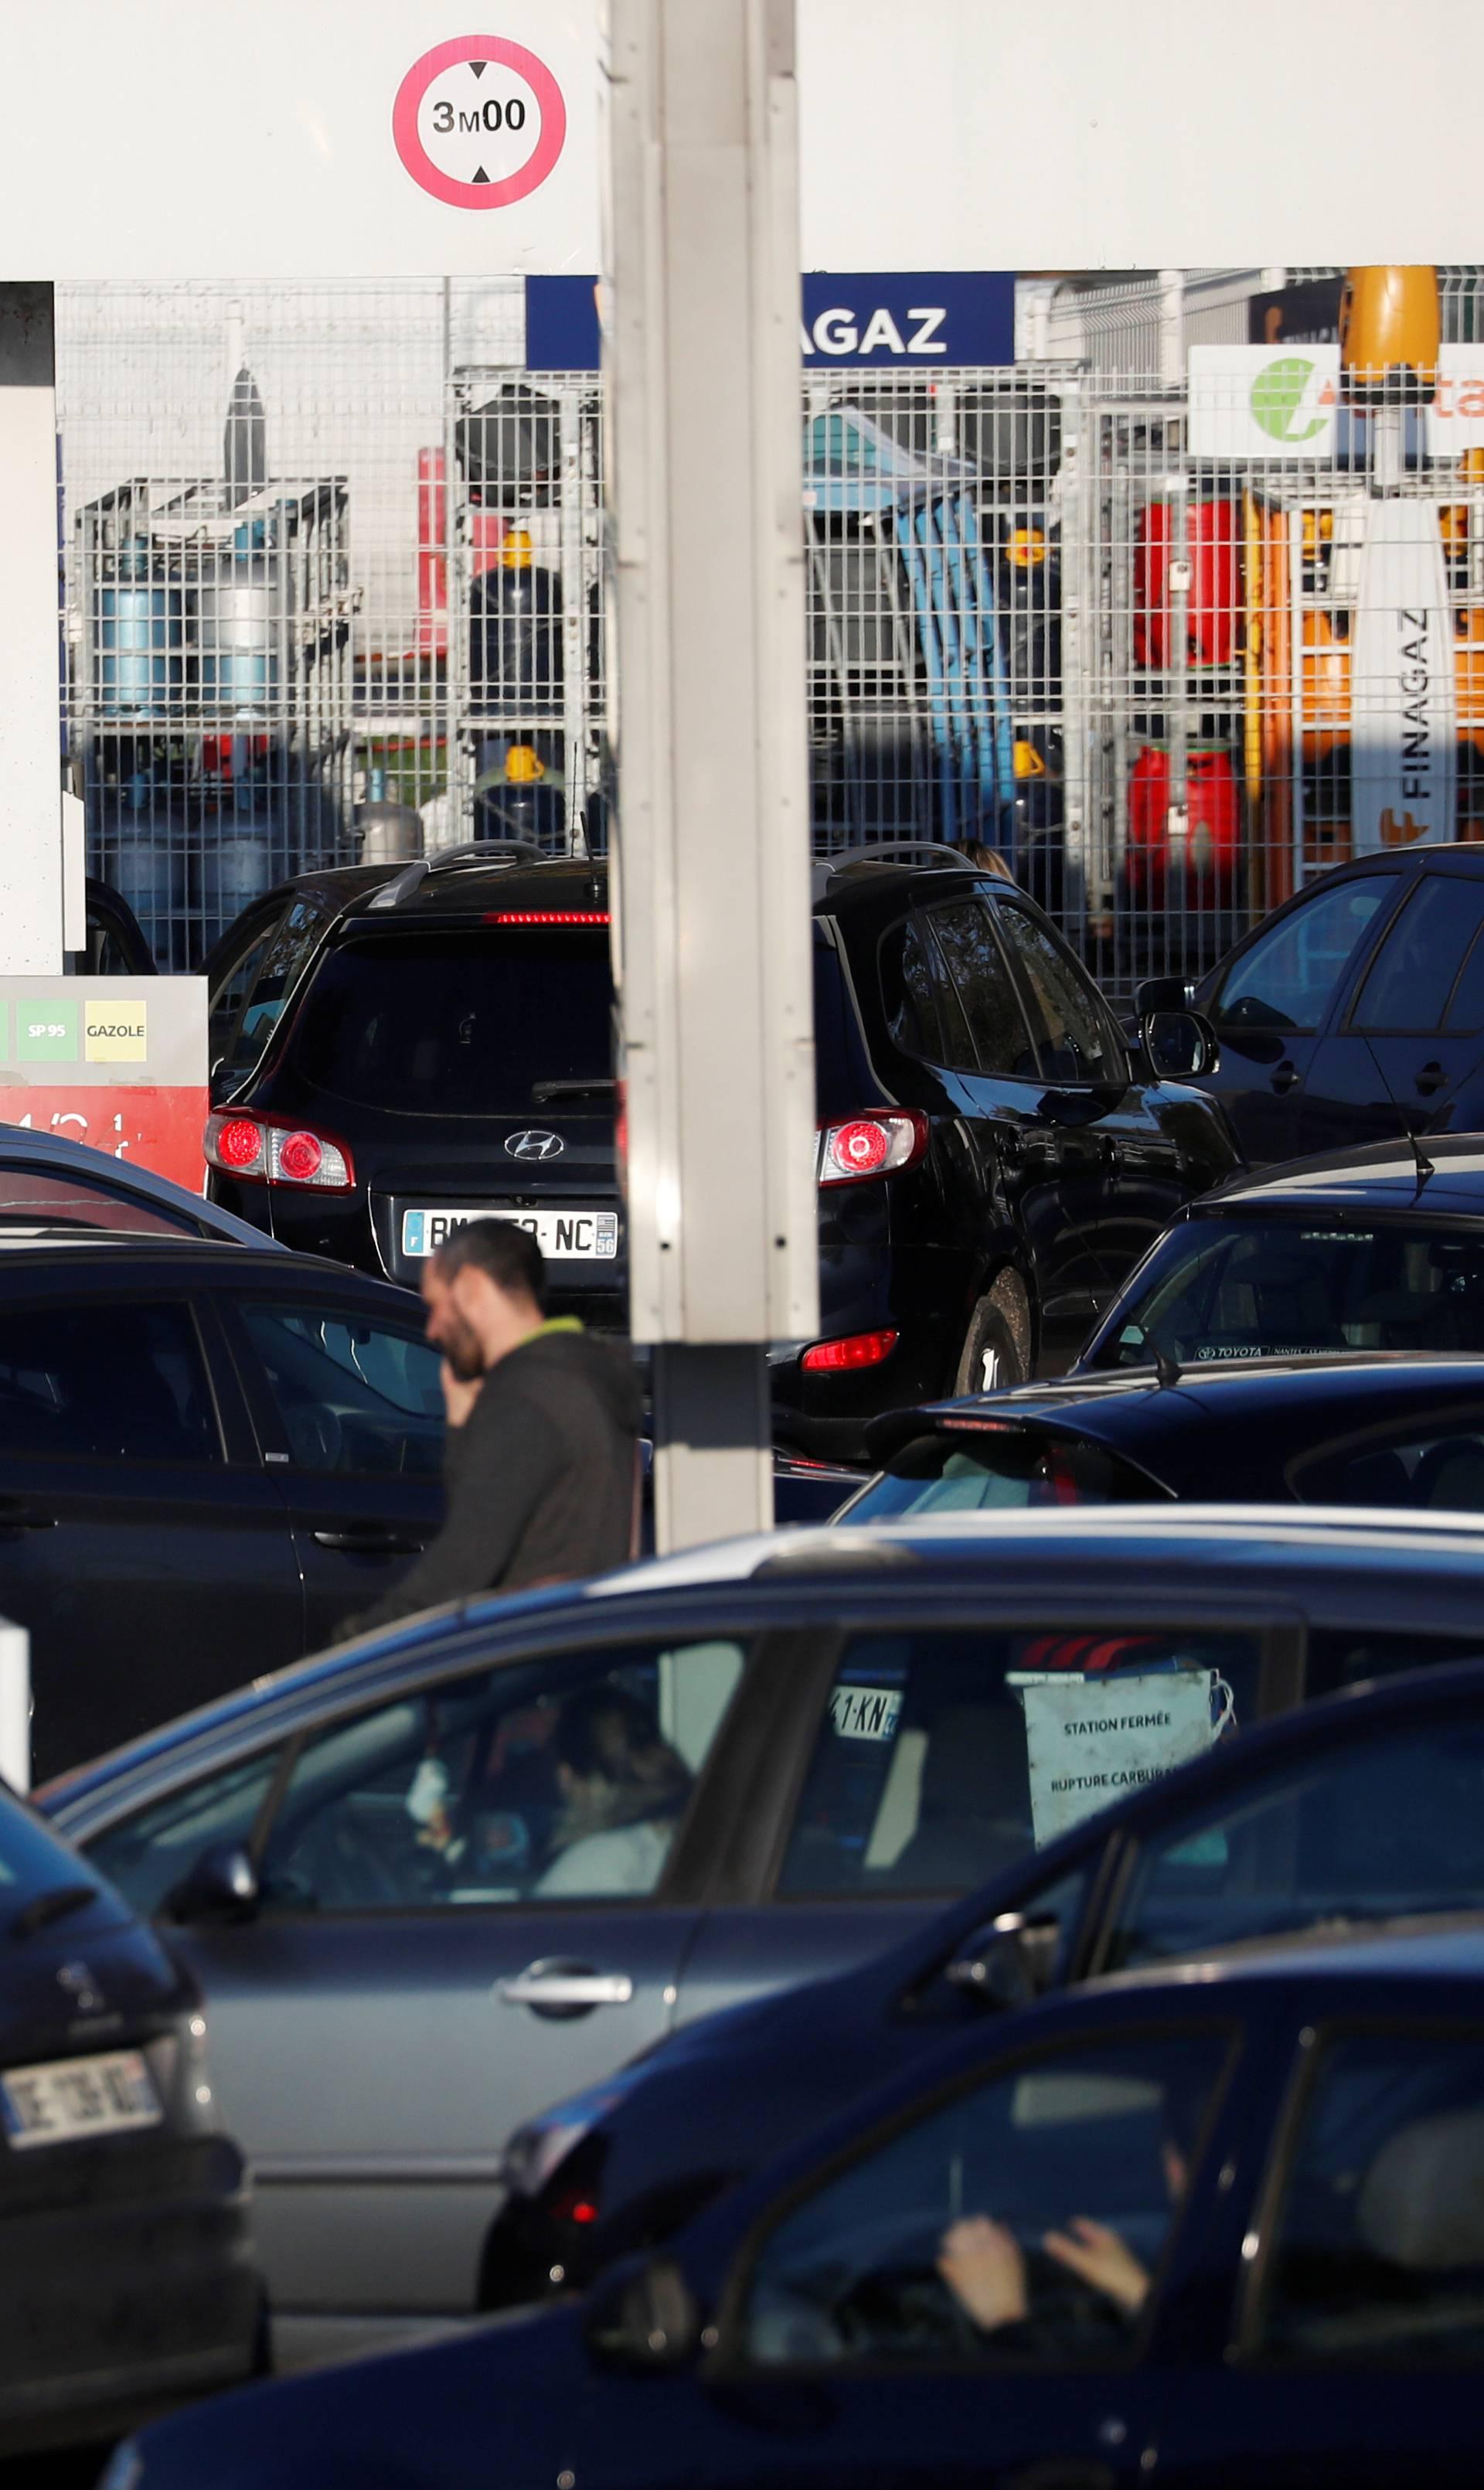 Povisuje se cijena goriva radi smanjenja ugljikova dioksida